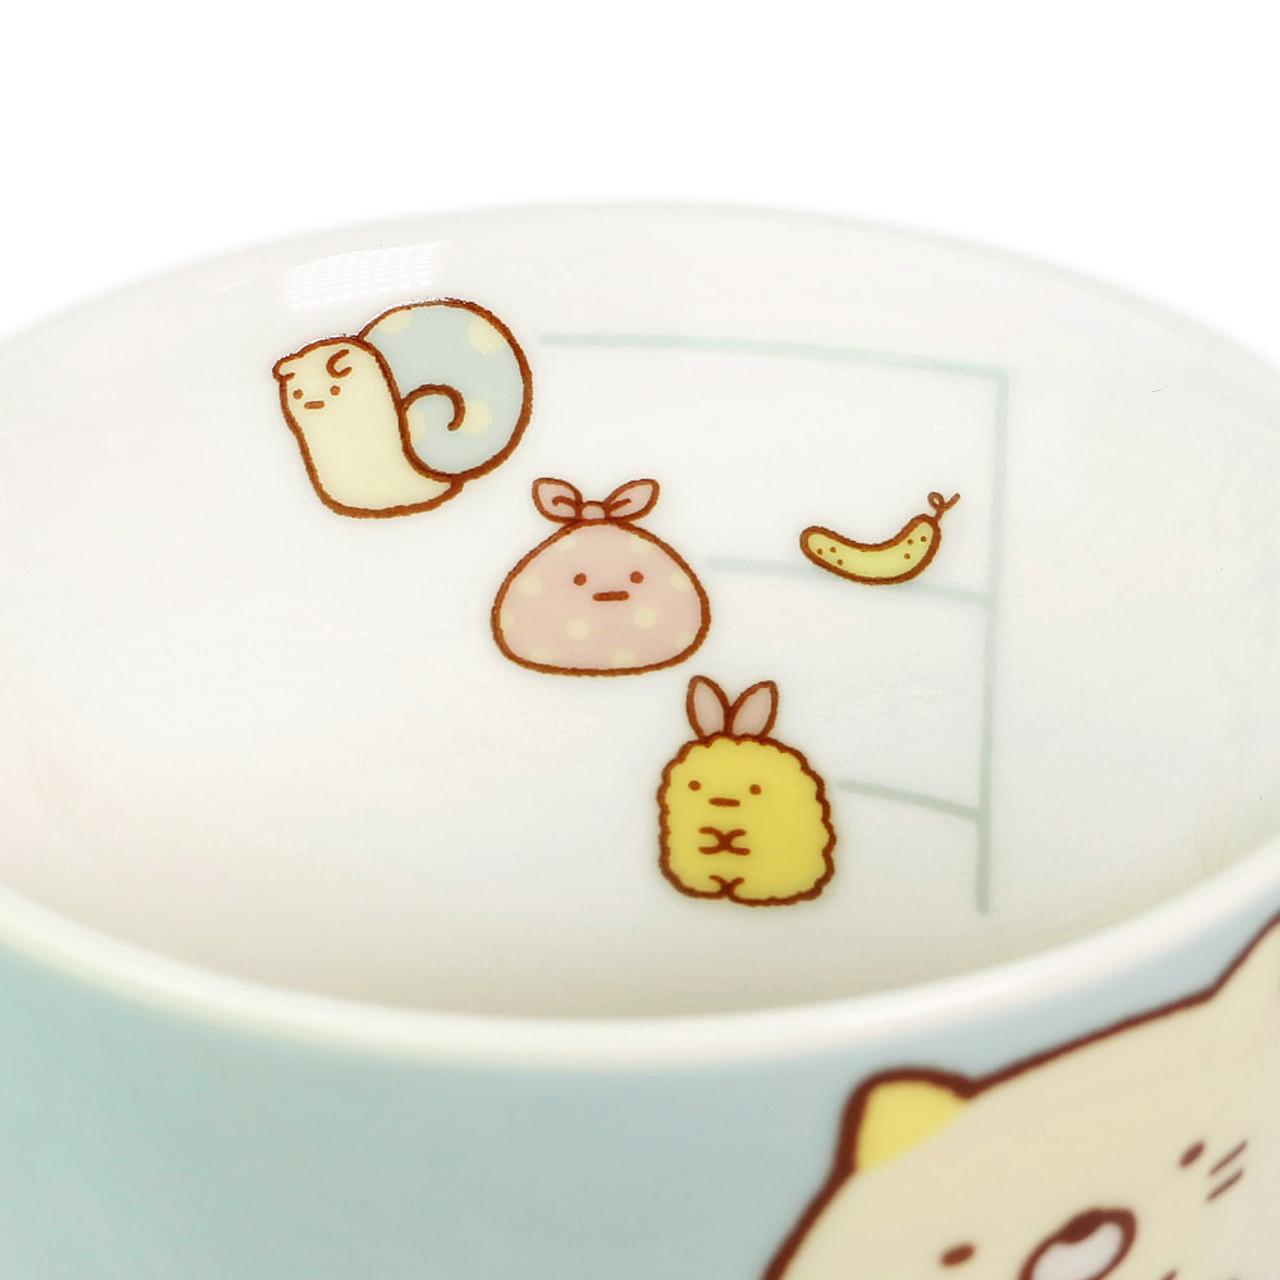 Sumikko Gurashi Measure Ceramic Cup - Vertical ( Inner View )